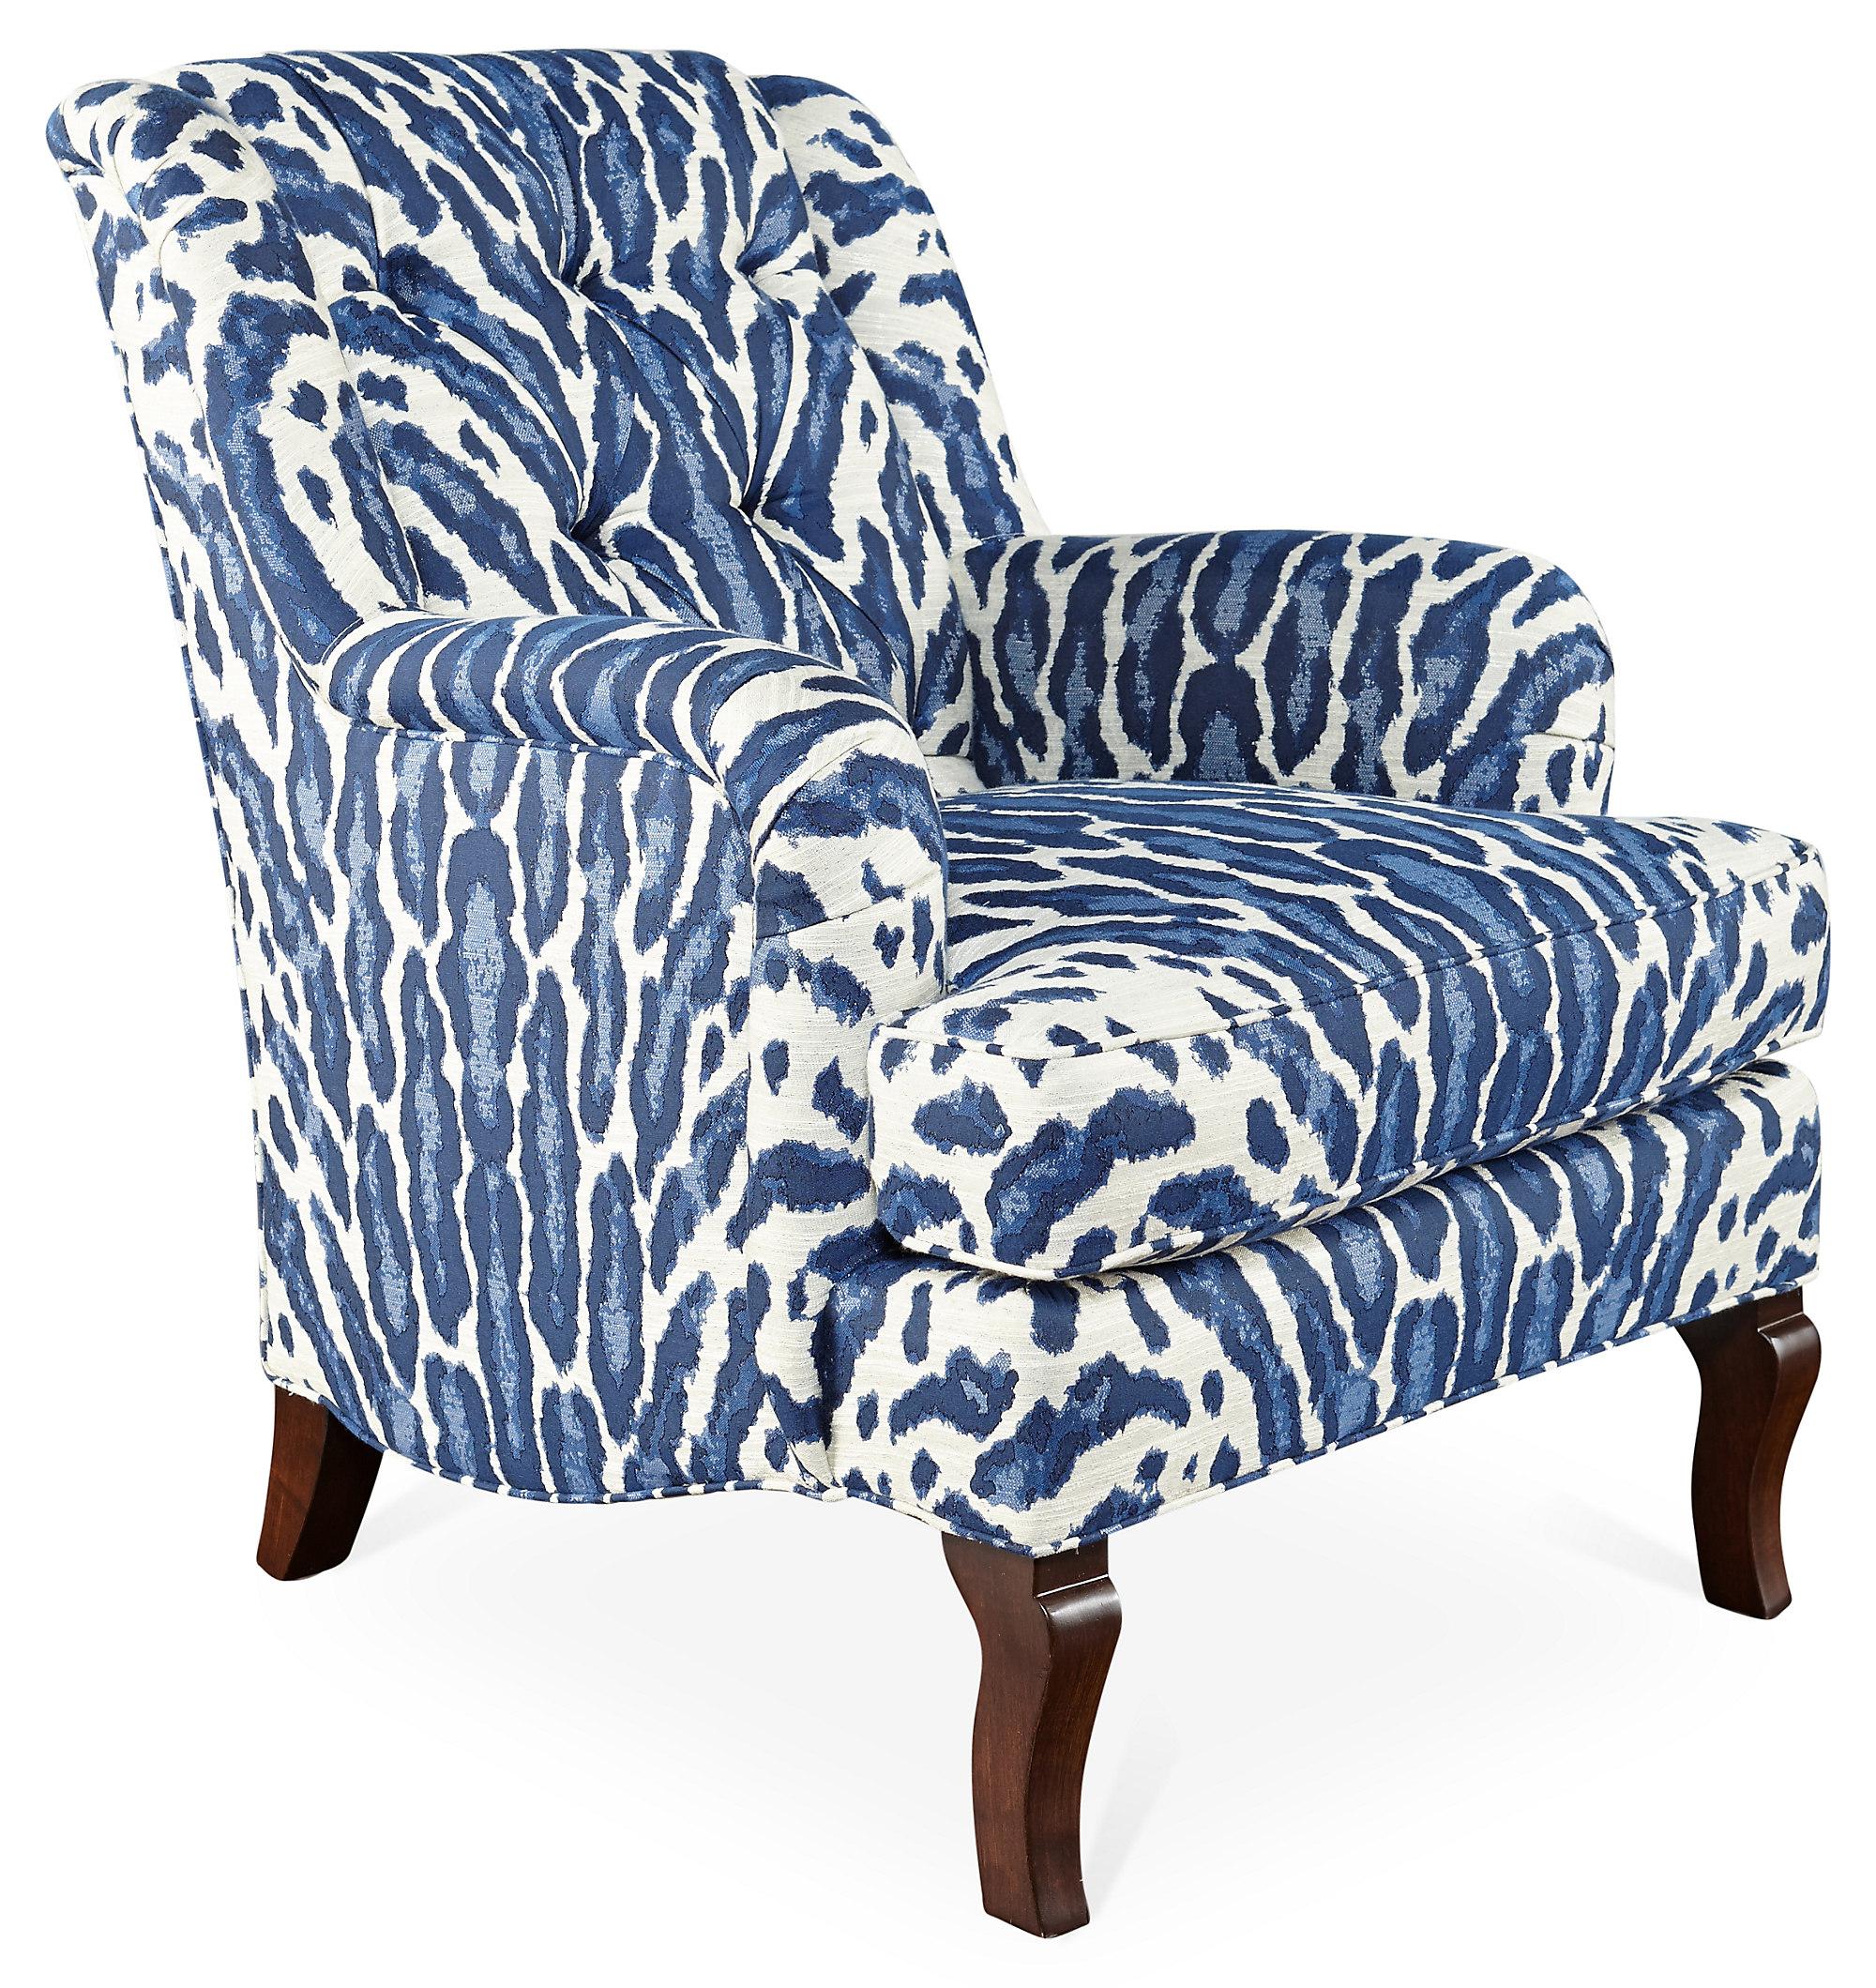 michael-thomas-blue-leopard-club-chair